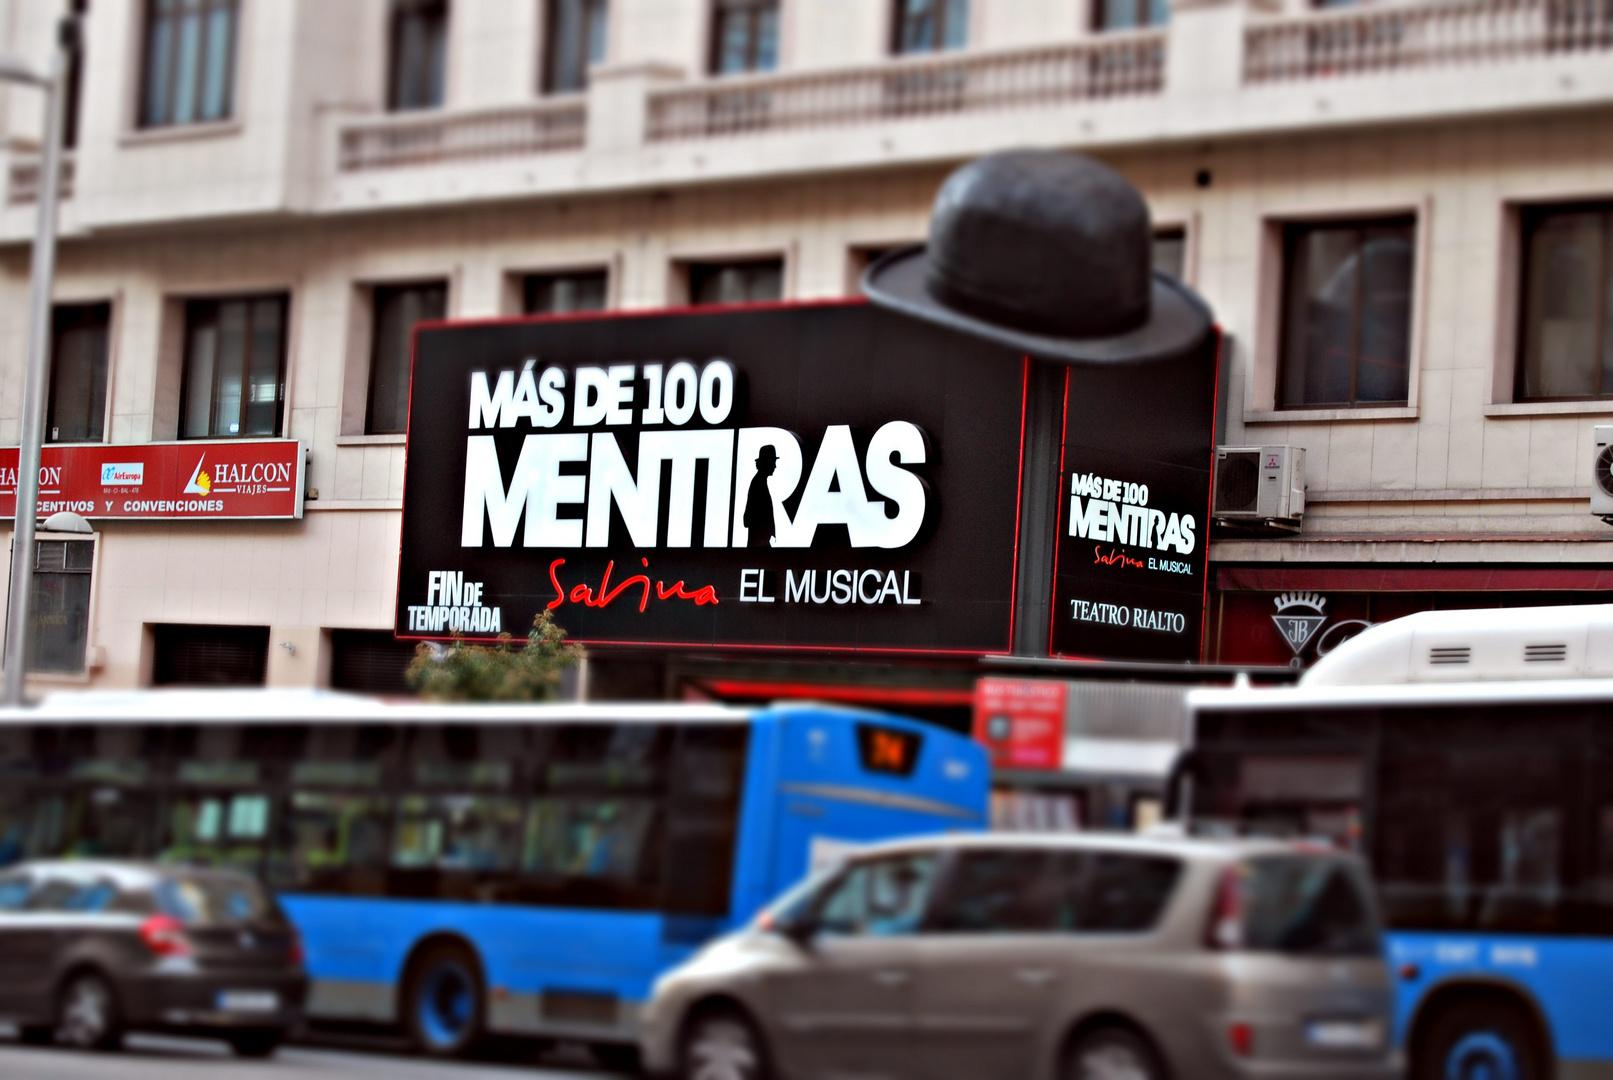 Musical, Sabina. +de100mentiras.